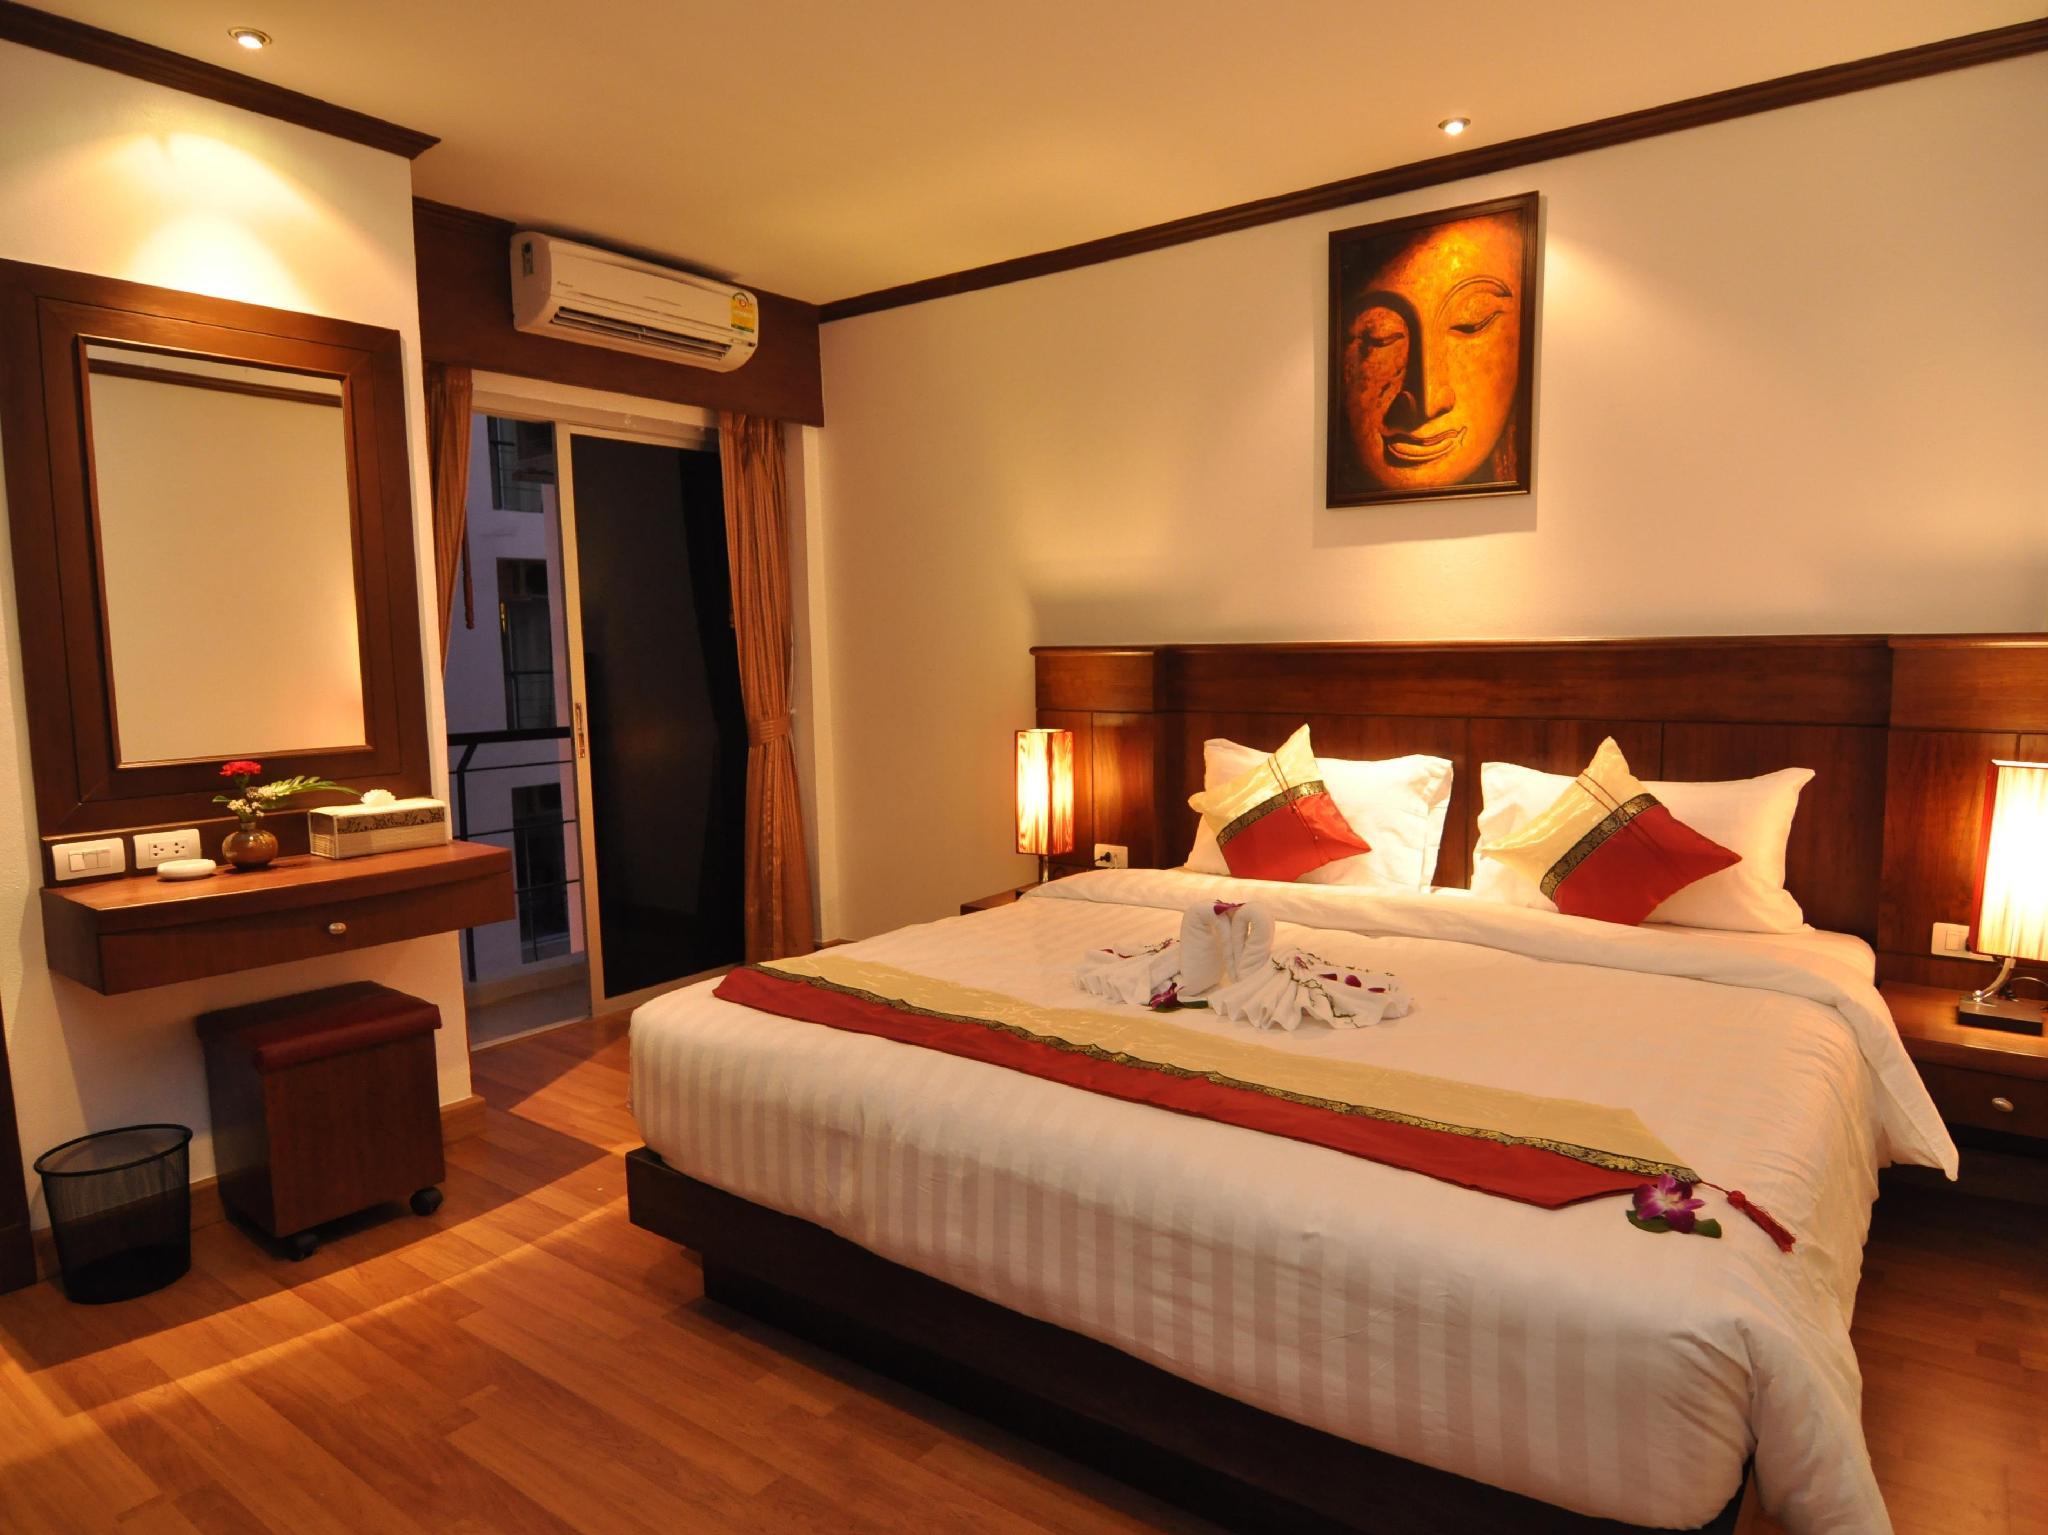 ヘミングウェイズ ホテル14